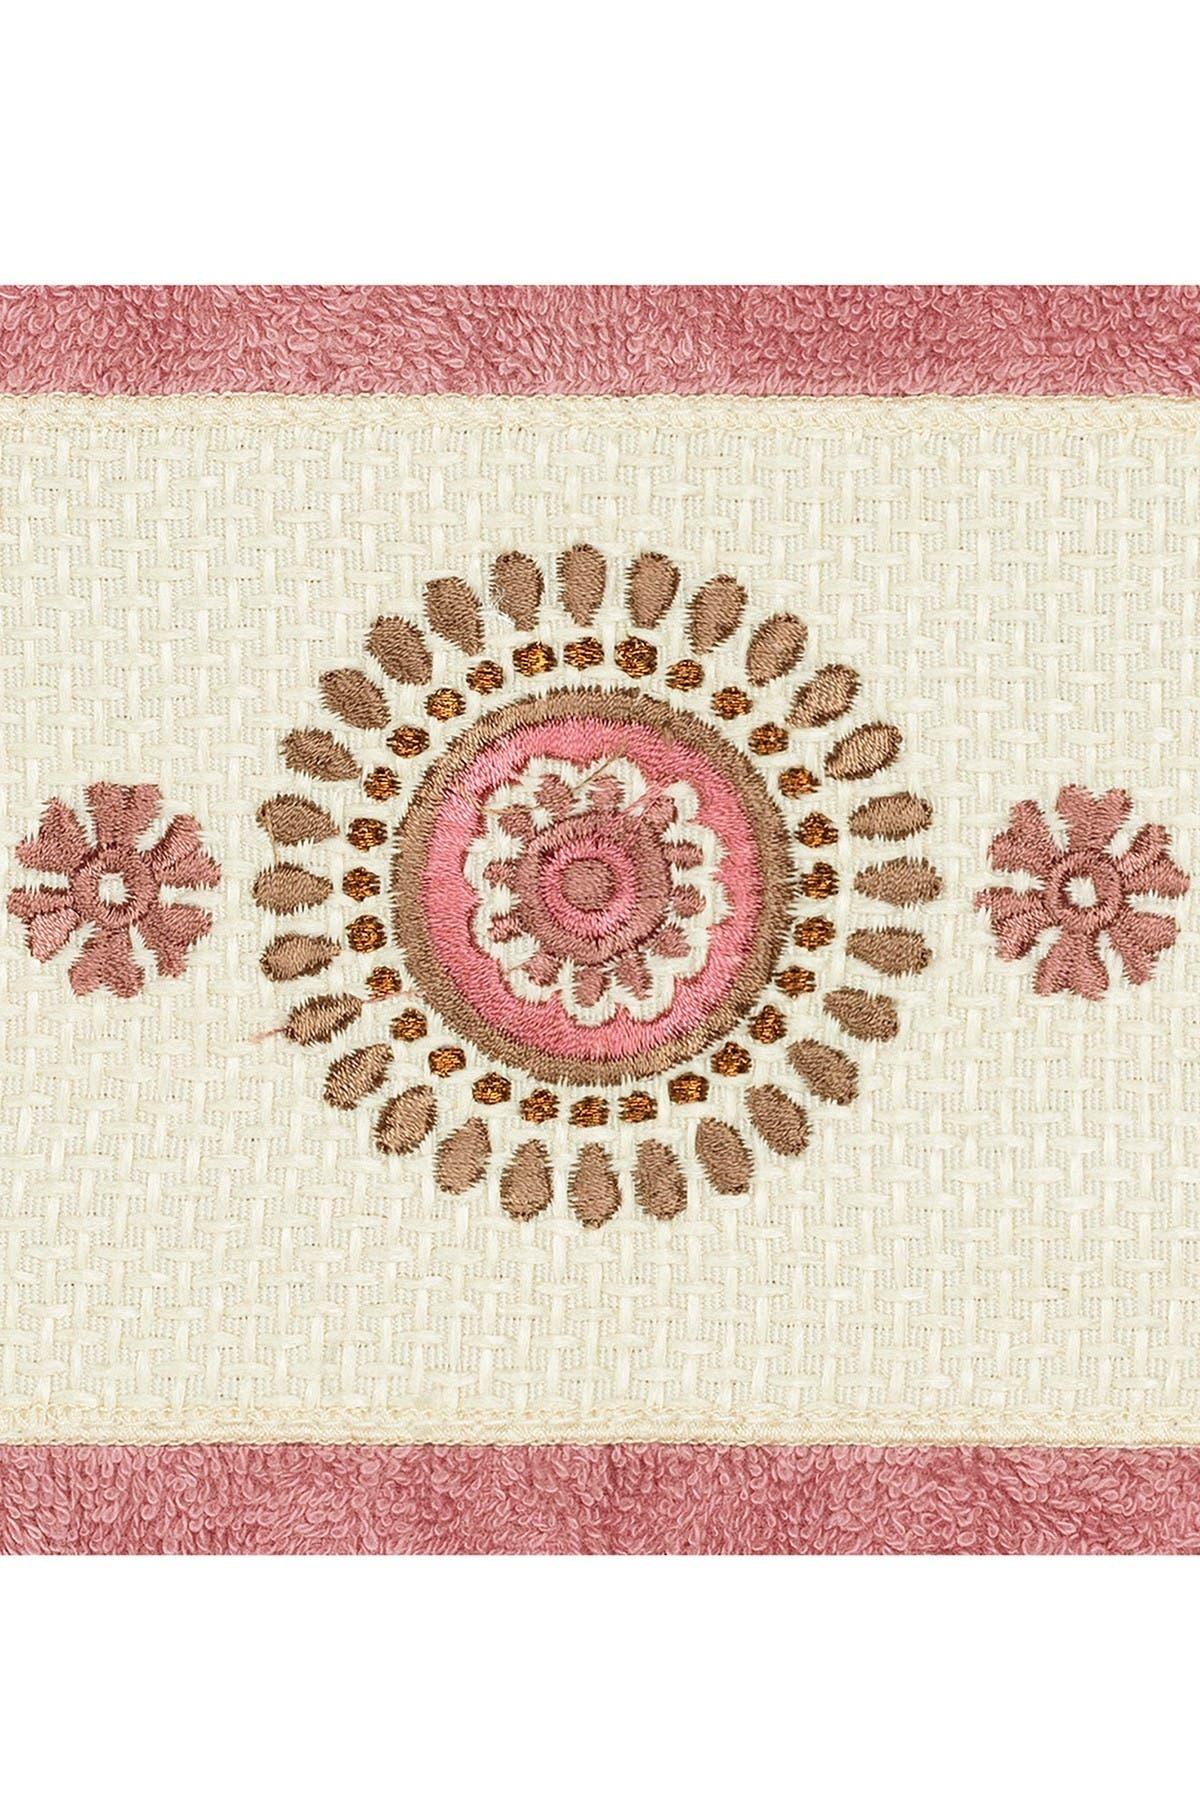 Image of LINUM HOME Isabell Embellished Hand Towel - Set of 2 - Tea Rose